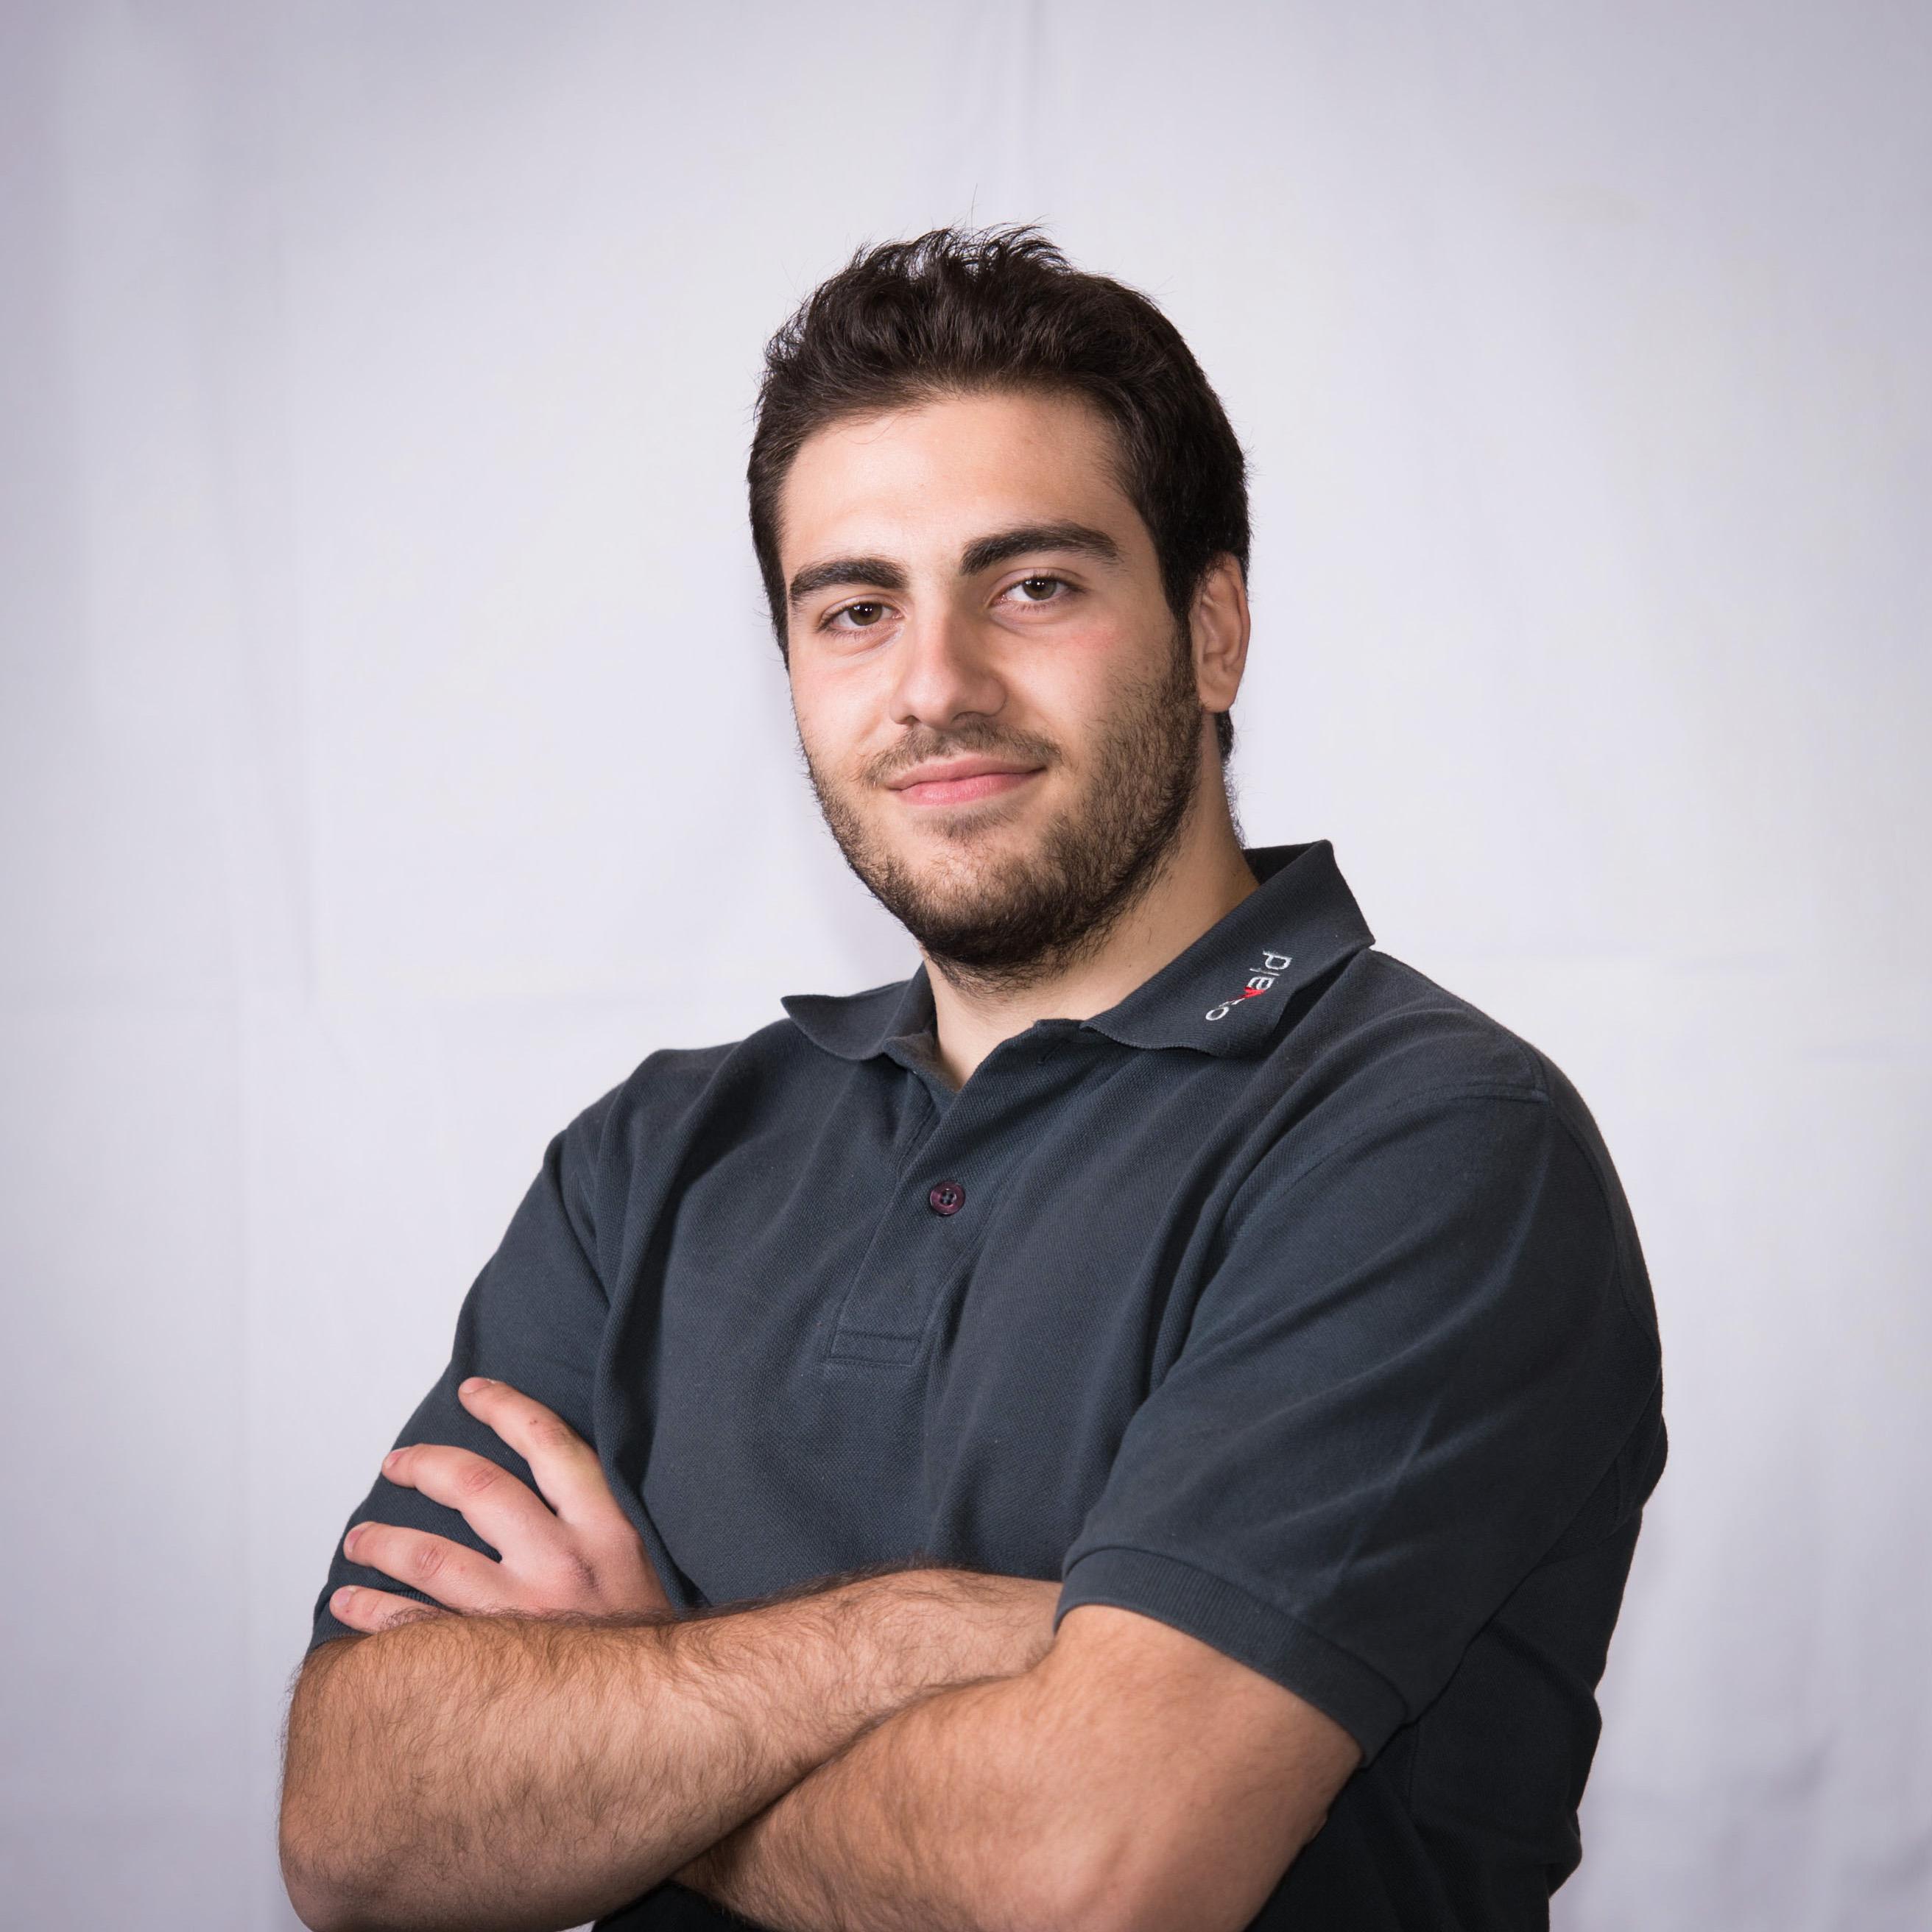 Alessandro Sirna